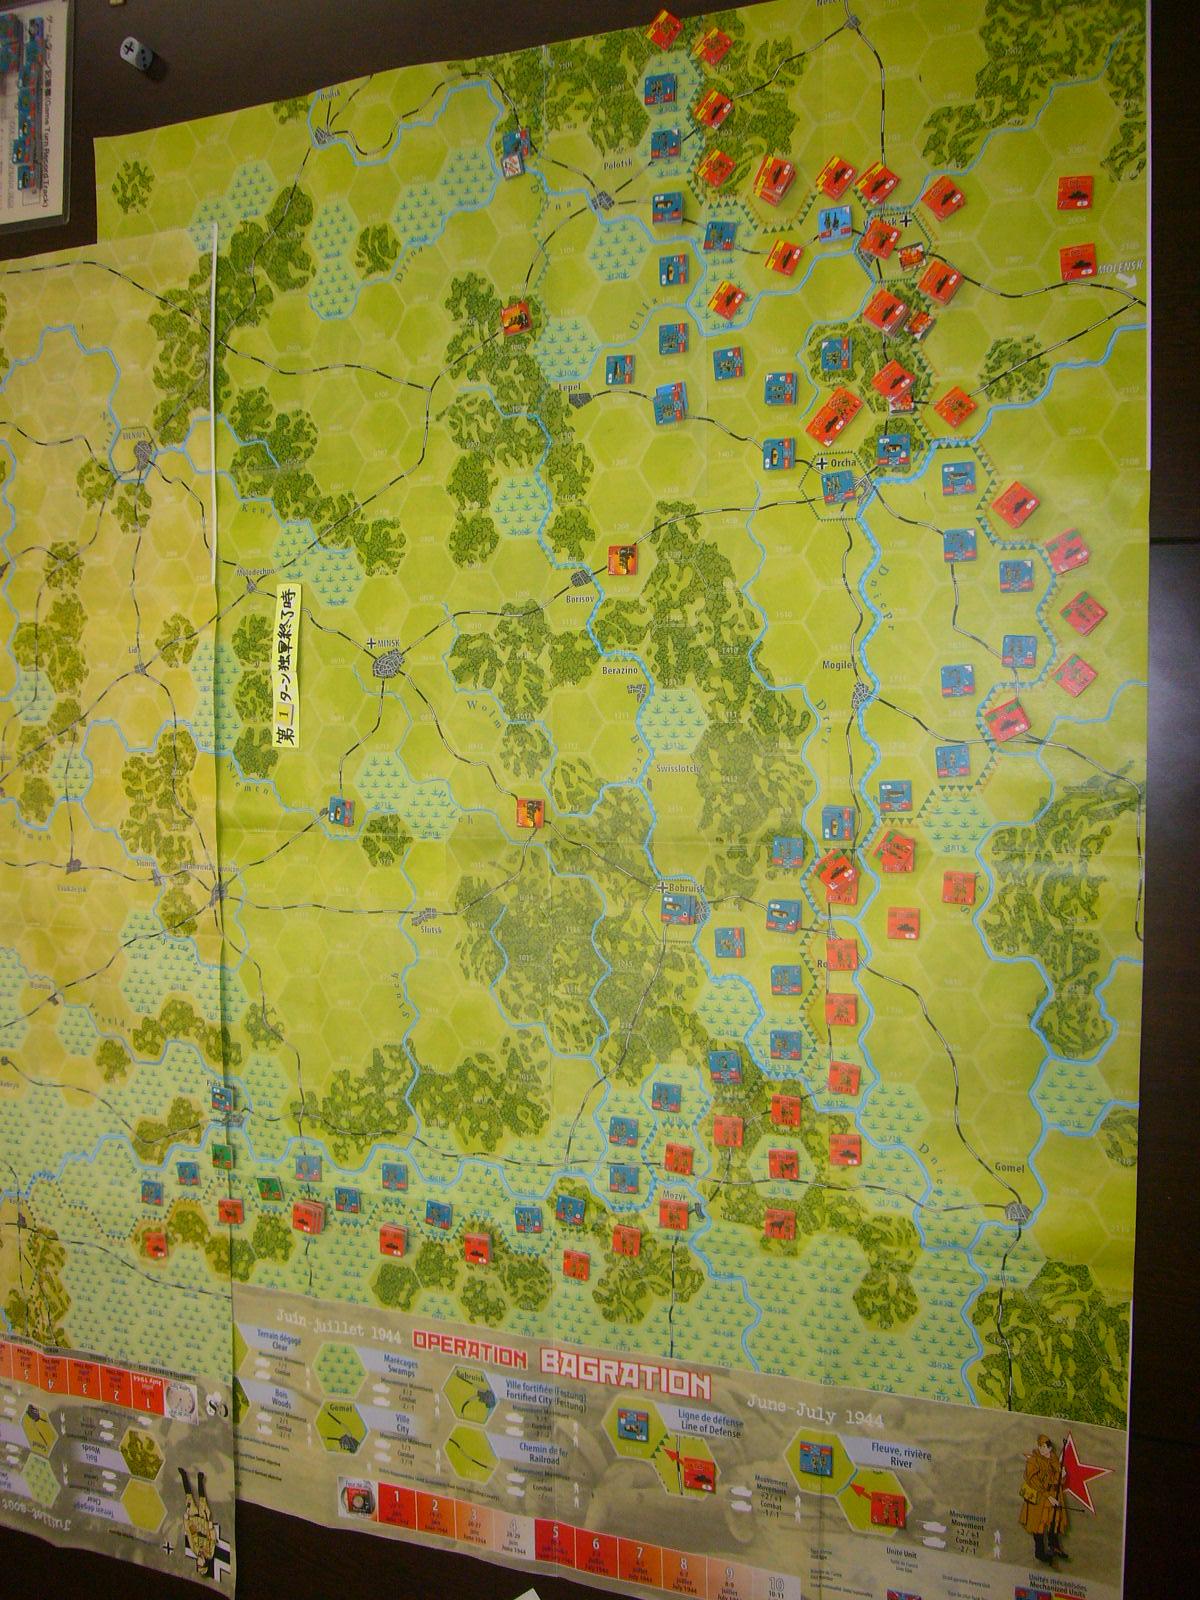 YSGA 9月例会の様子その3(仏C&H社製の東部戦線1944 『バグラチオン作戦』+『ワルシャワ蜂起』)その❶_b0173672_00040945.jpg